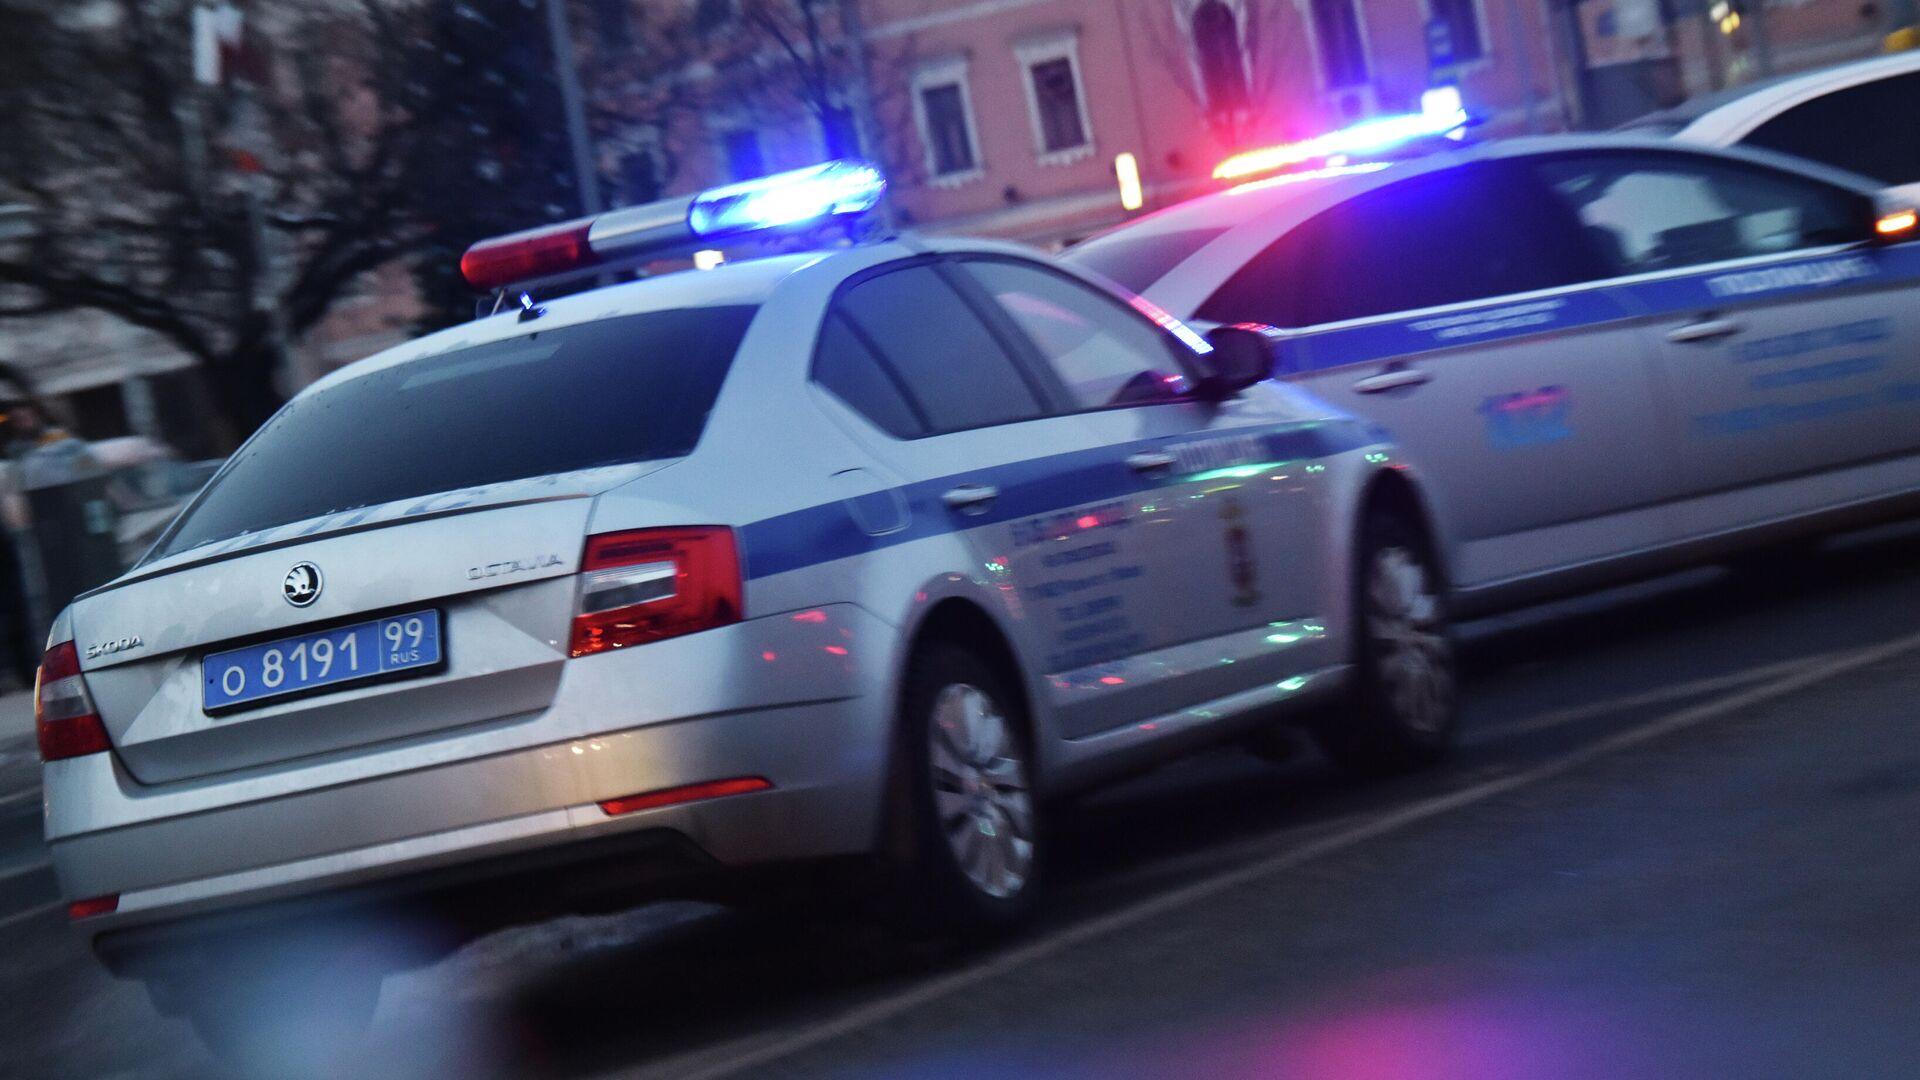 Un coche policial ruso (foto referencial) - Sputnik Mundo, 1920, 13.03.2021